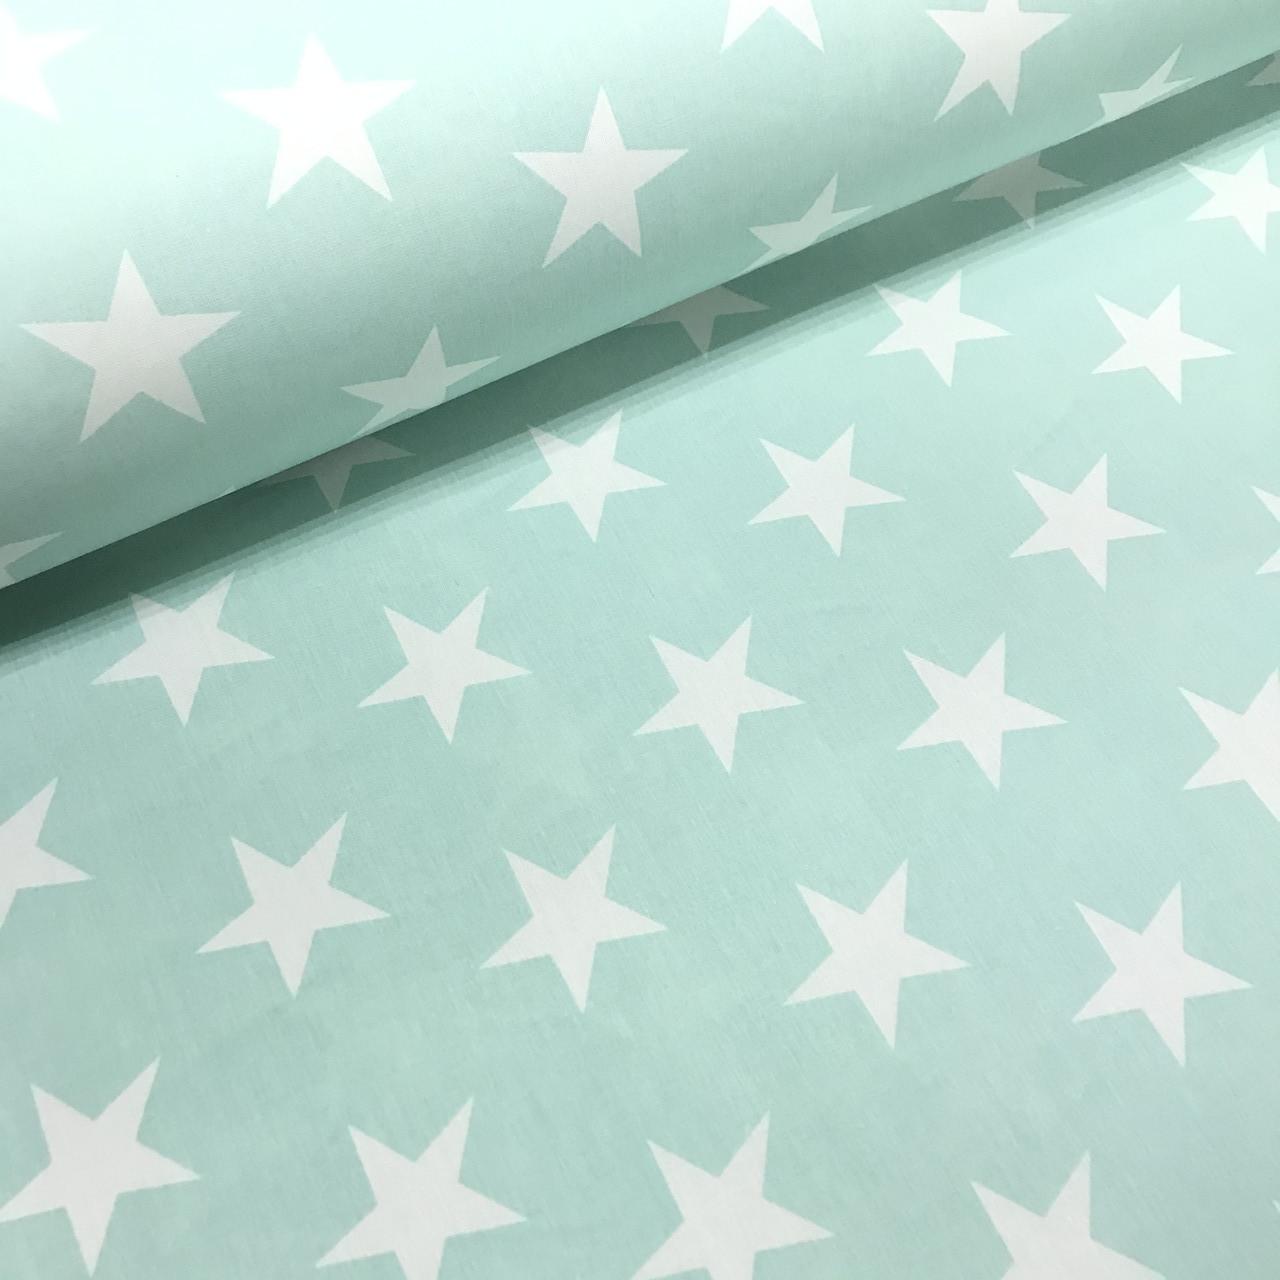 Ткань поплин (ТУРЦИЯ шир. 2,4 м) звезды крупные белые на мятном